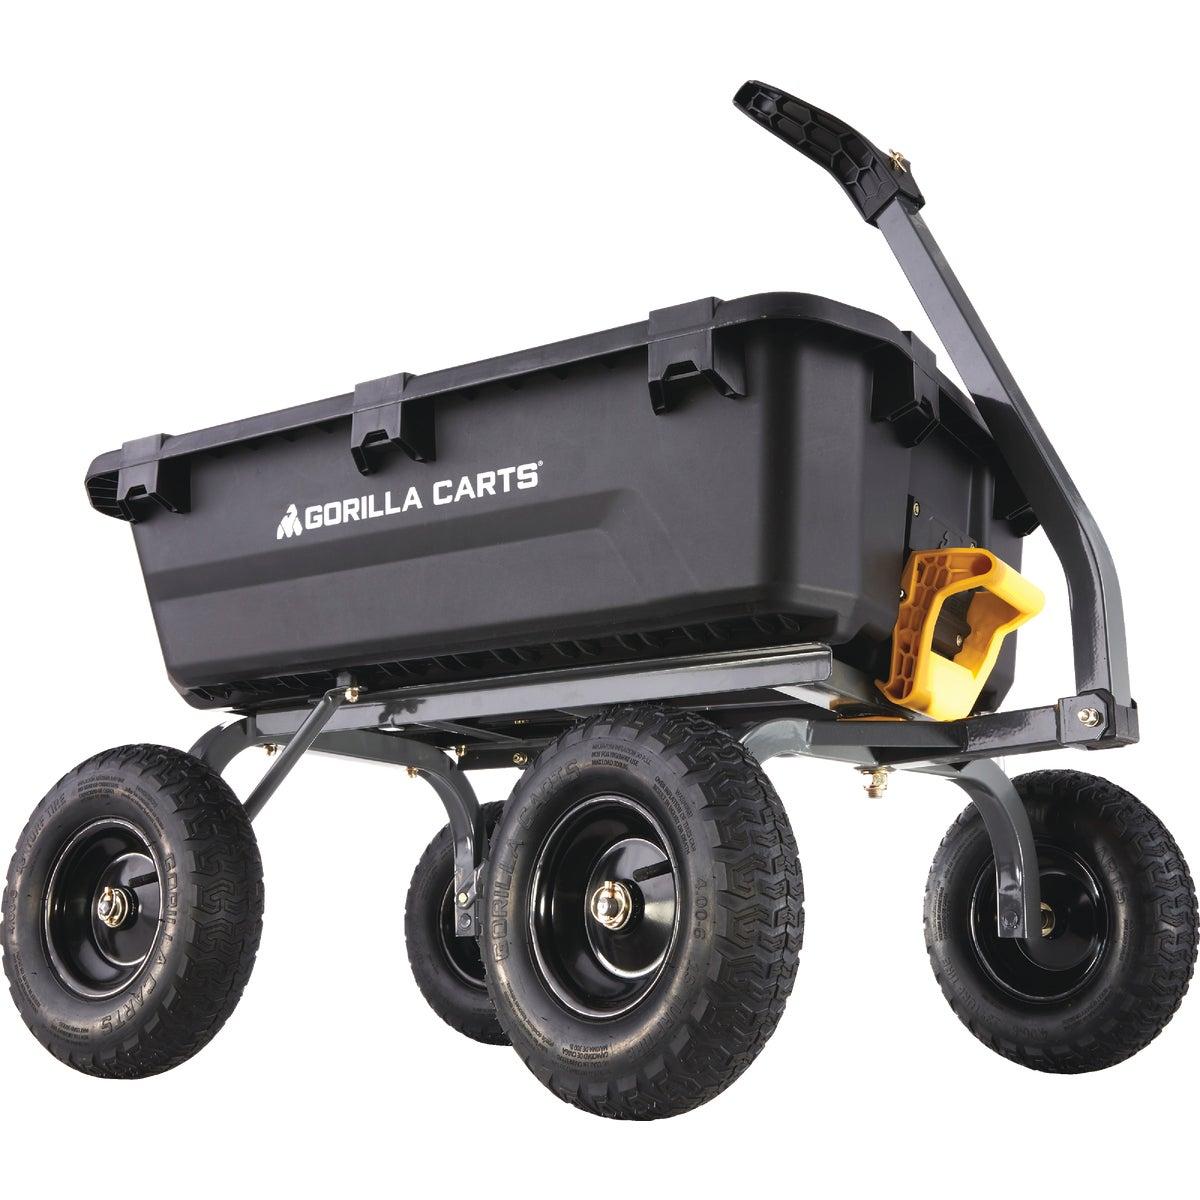 Gorilla Carts Poly Tow-Behind Garden Cart, GOR10